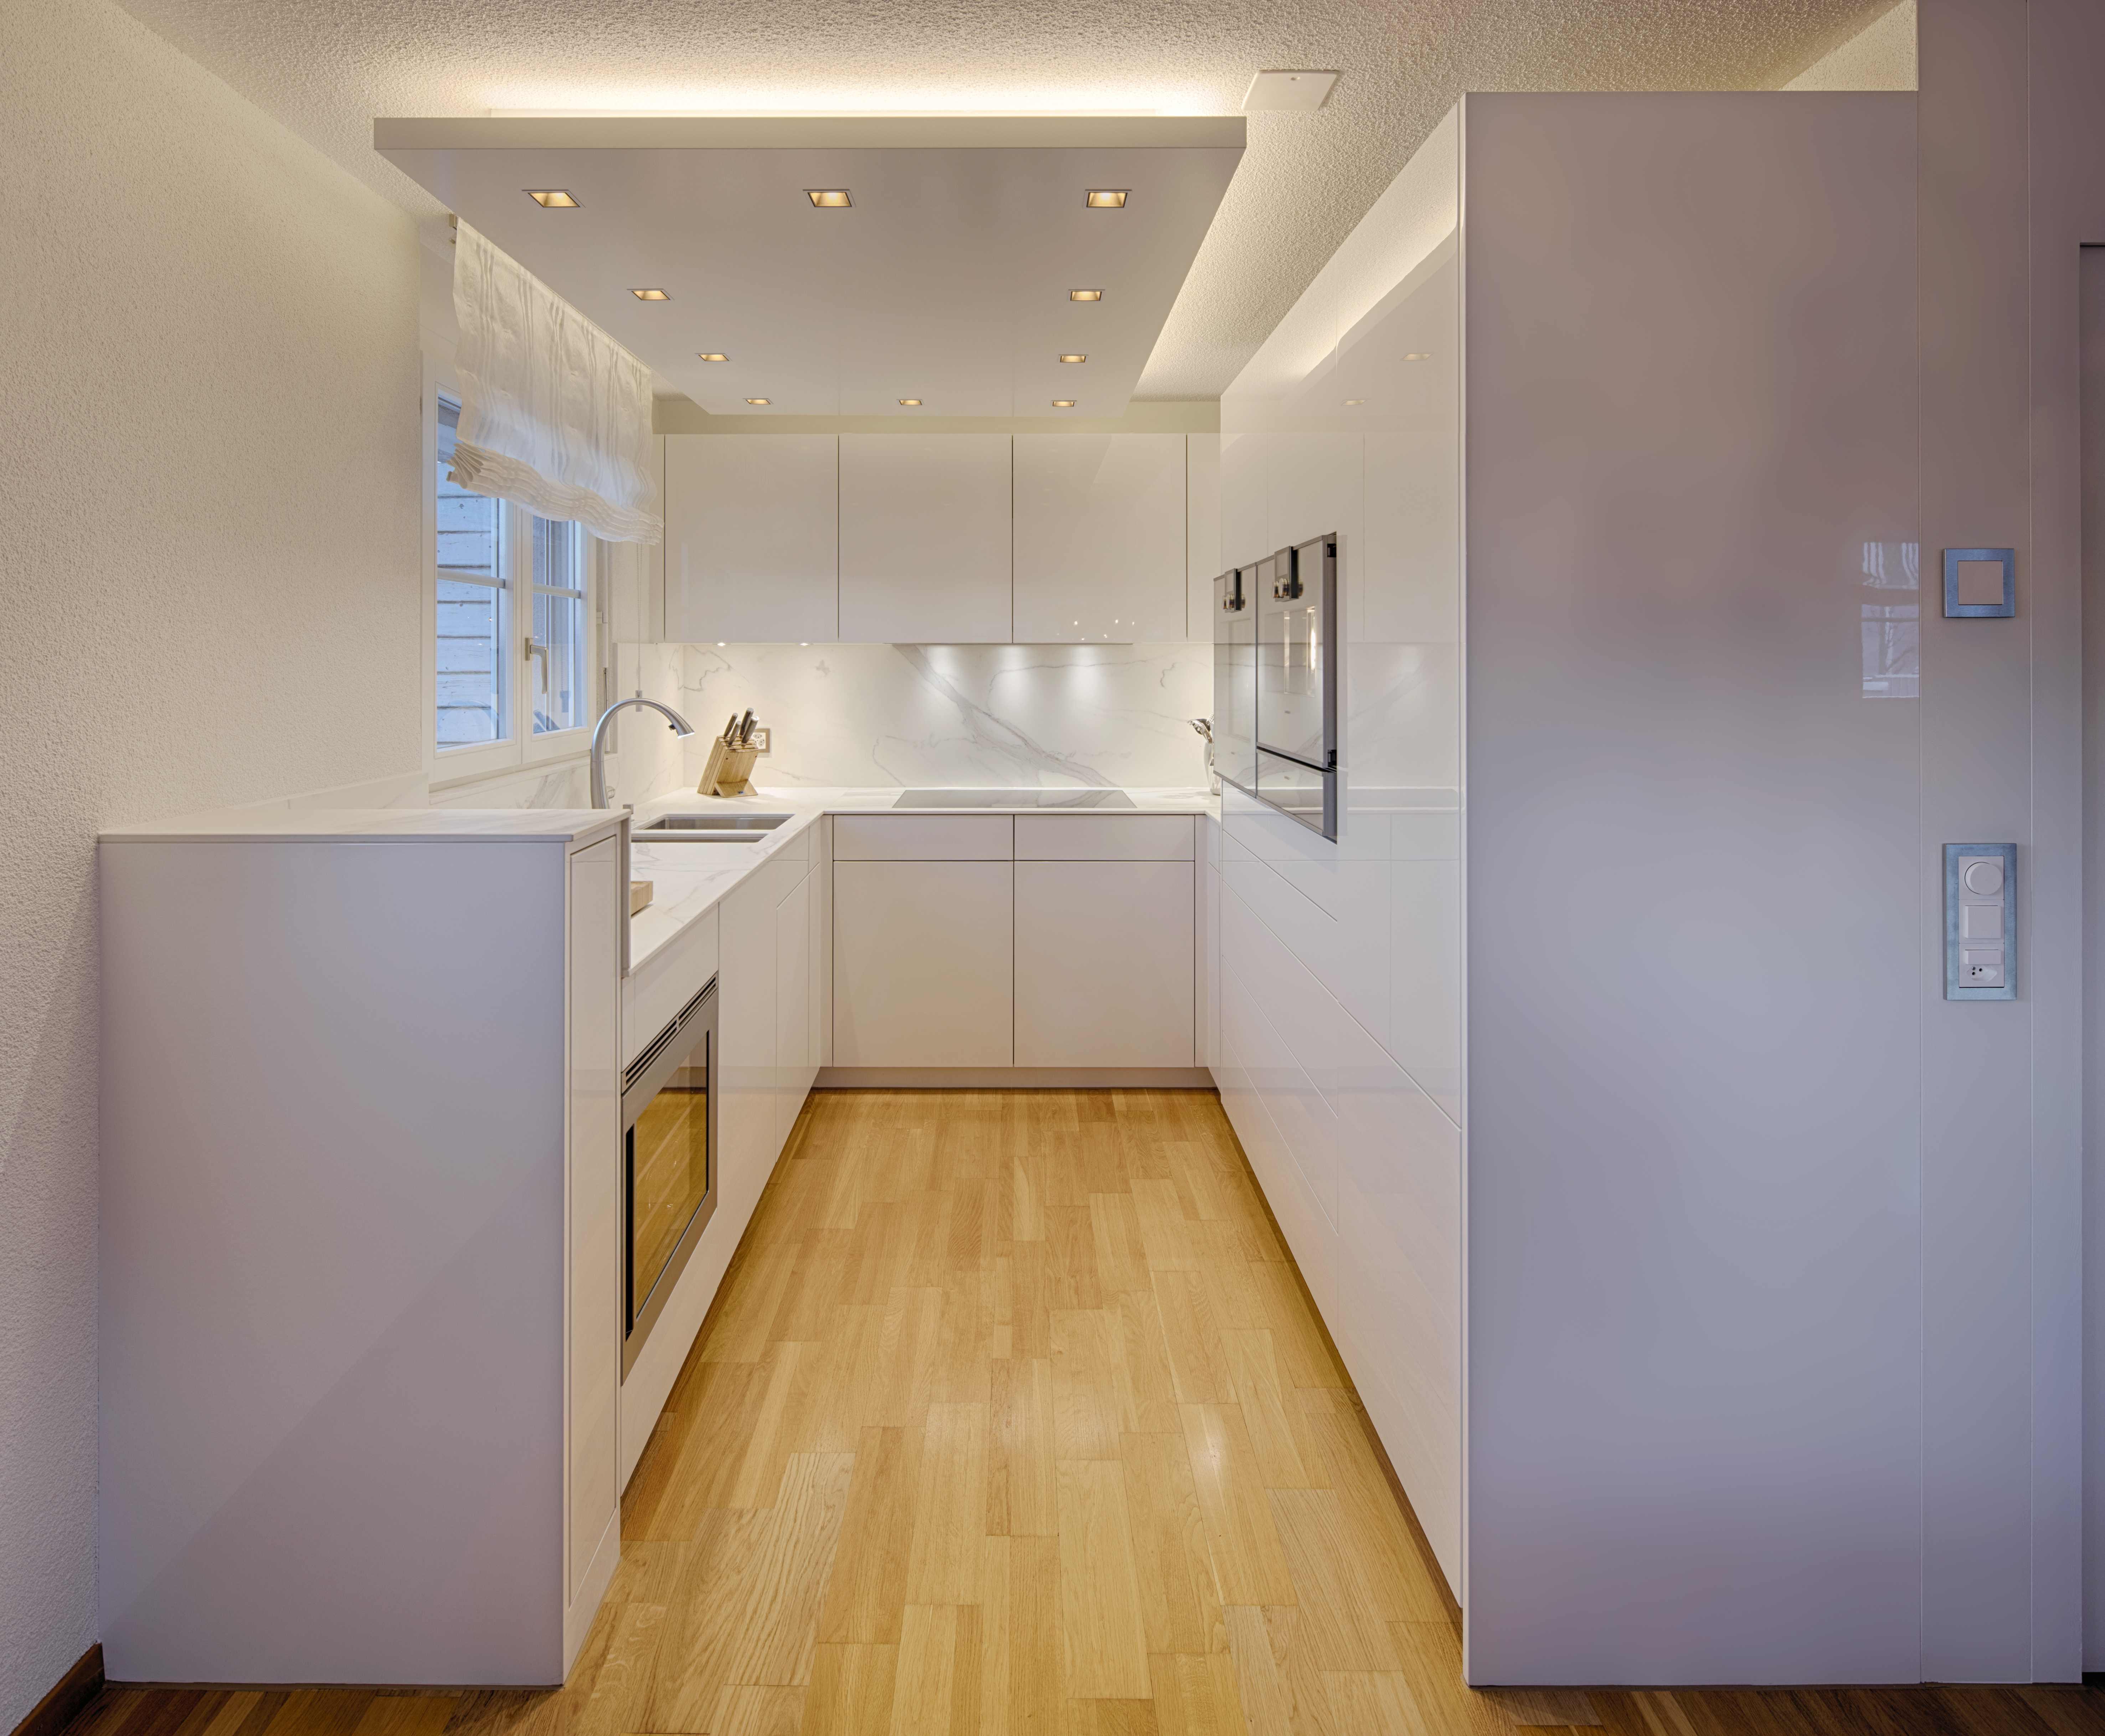 Beste Küche Umbau Austin Texas Fotos - Ideen Für Die Küche ...